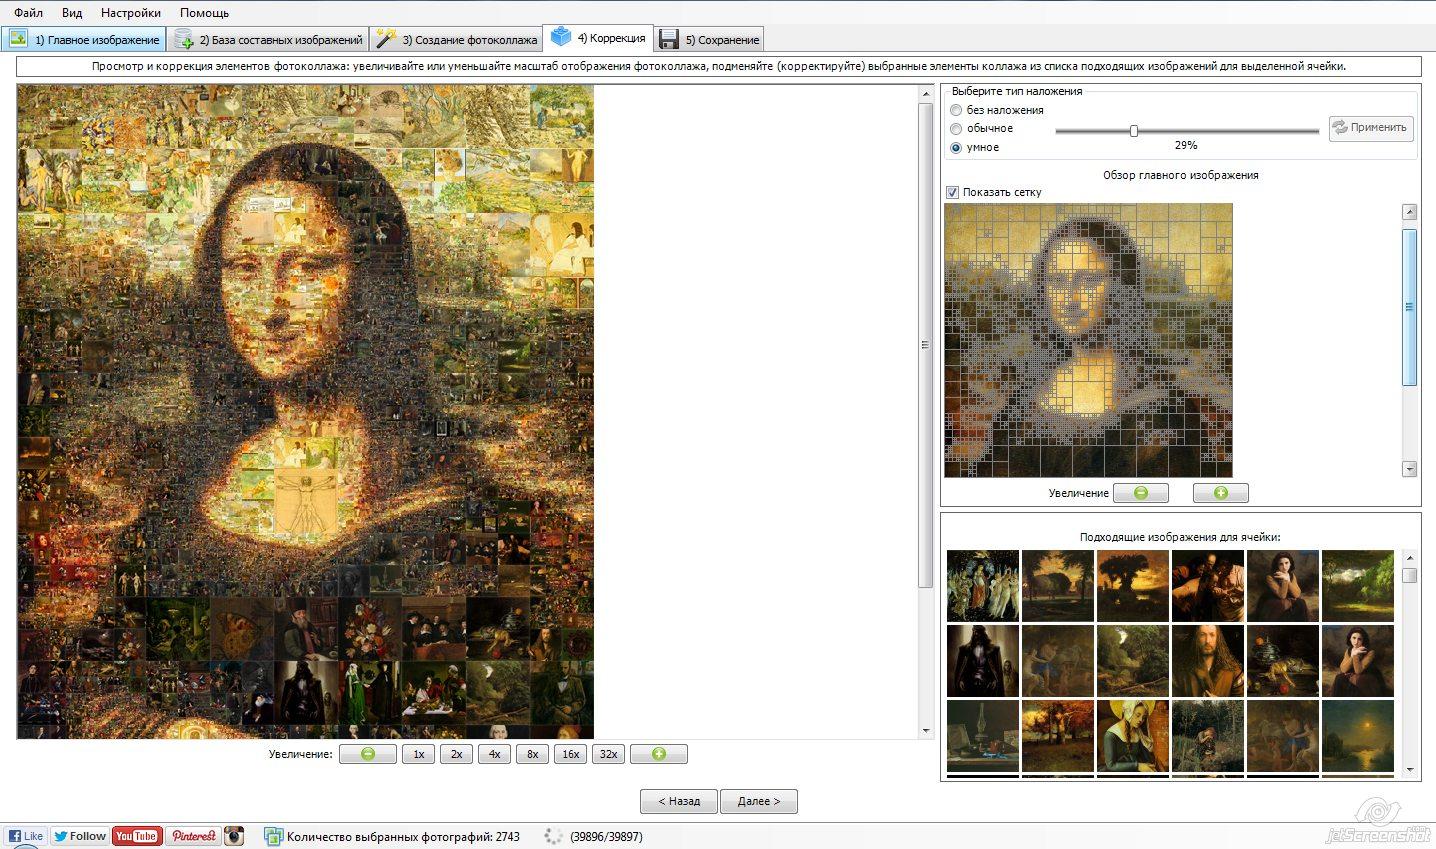 Интерфейс Artensoft Photo Collage Maker: окно коррекции, где можно сделать коллаж из фотографий еще лучше